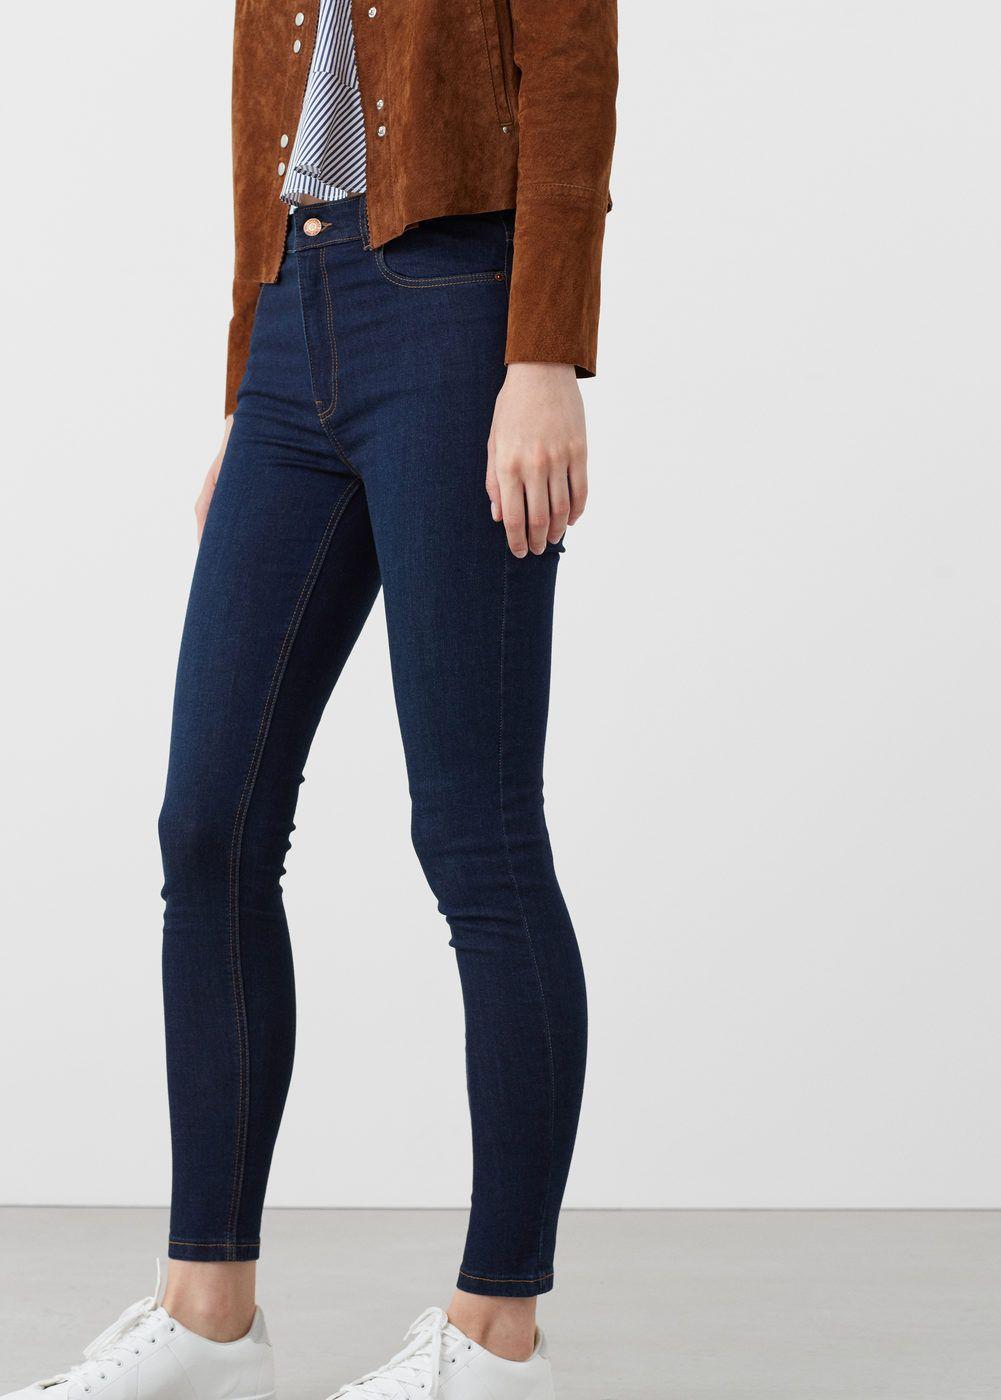 Skinny Noa Jeans Women Mango Usa Pantalones De Mezclilla Oscura Pantalones De Mezclilla Mujer Outfit Pantalon De Mezclilla